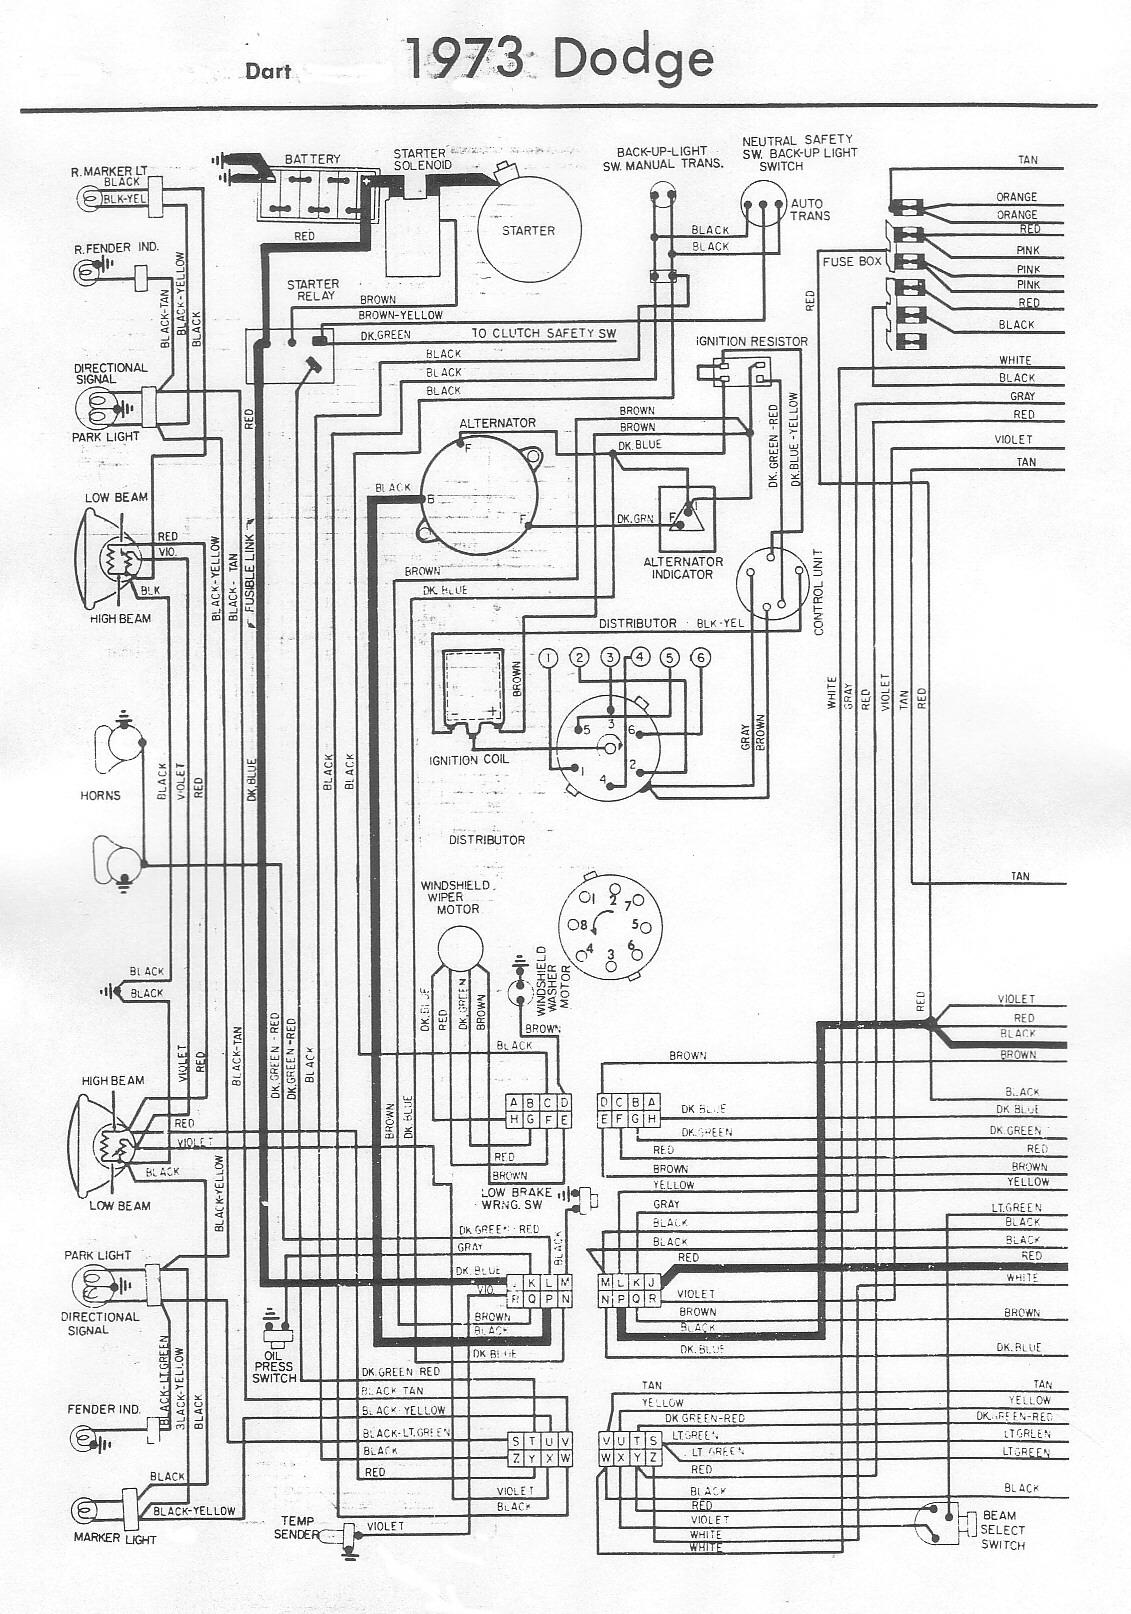 dodge dart wiring diagram wiring diagram advance 1969 dodge dart wiring diagram 1969 dodge wiring diagram [ 1131 x 1614 Pixel ]